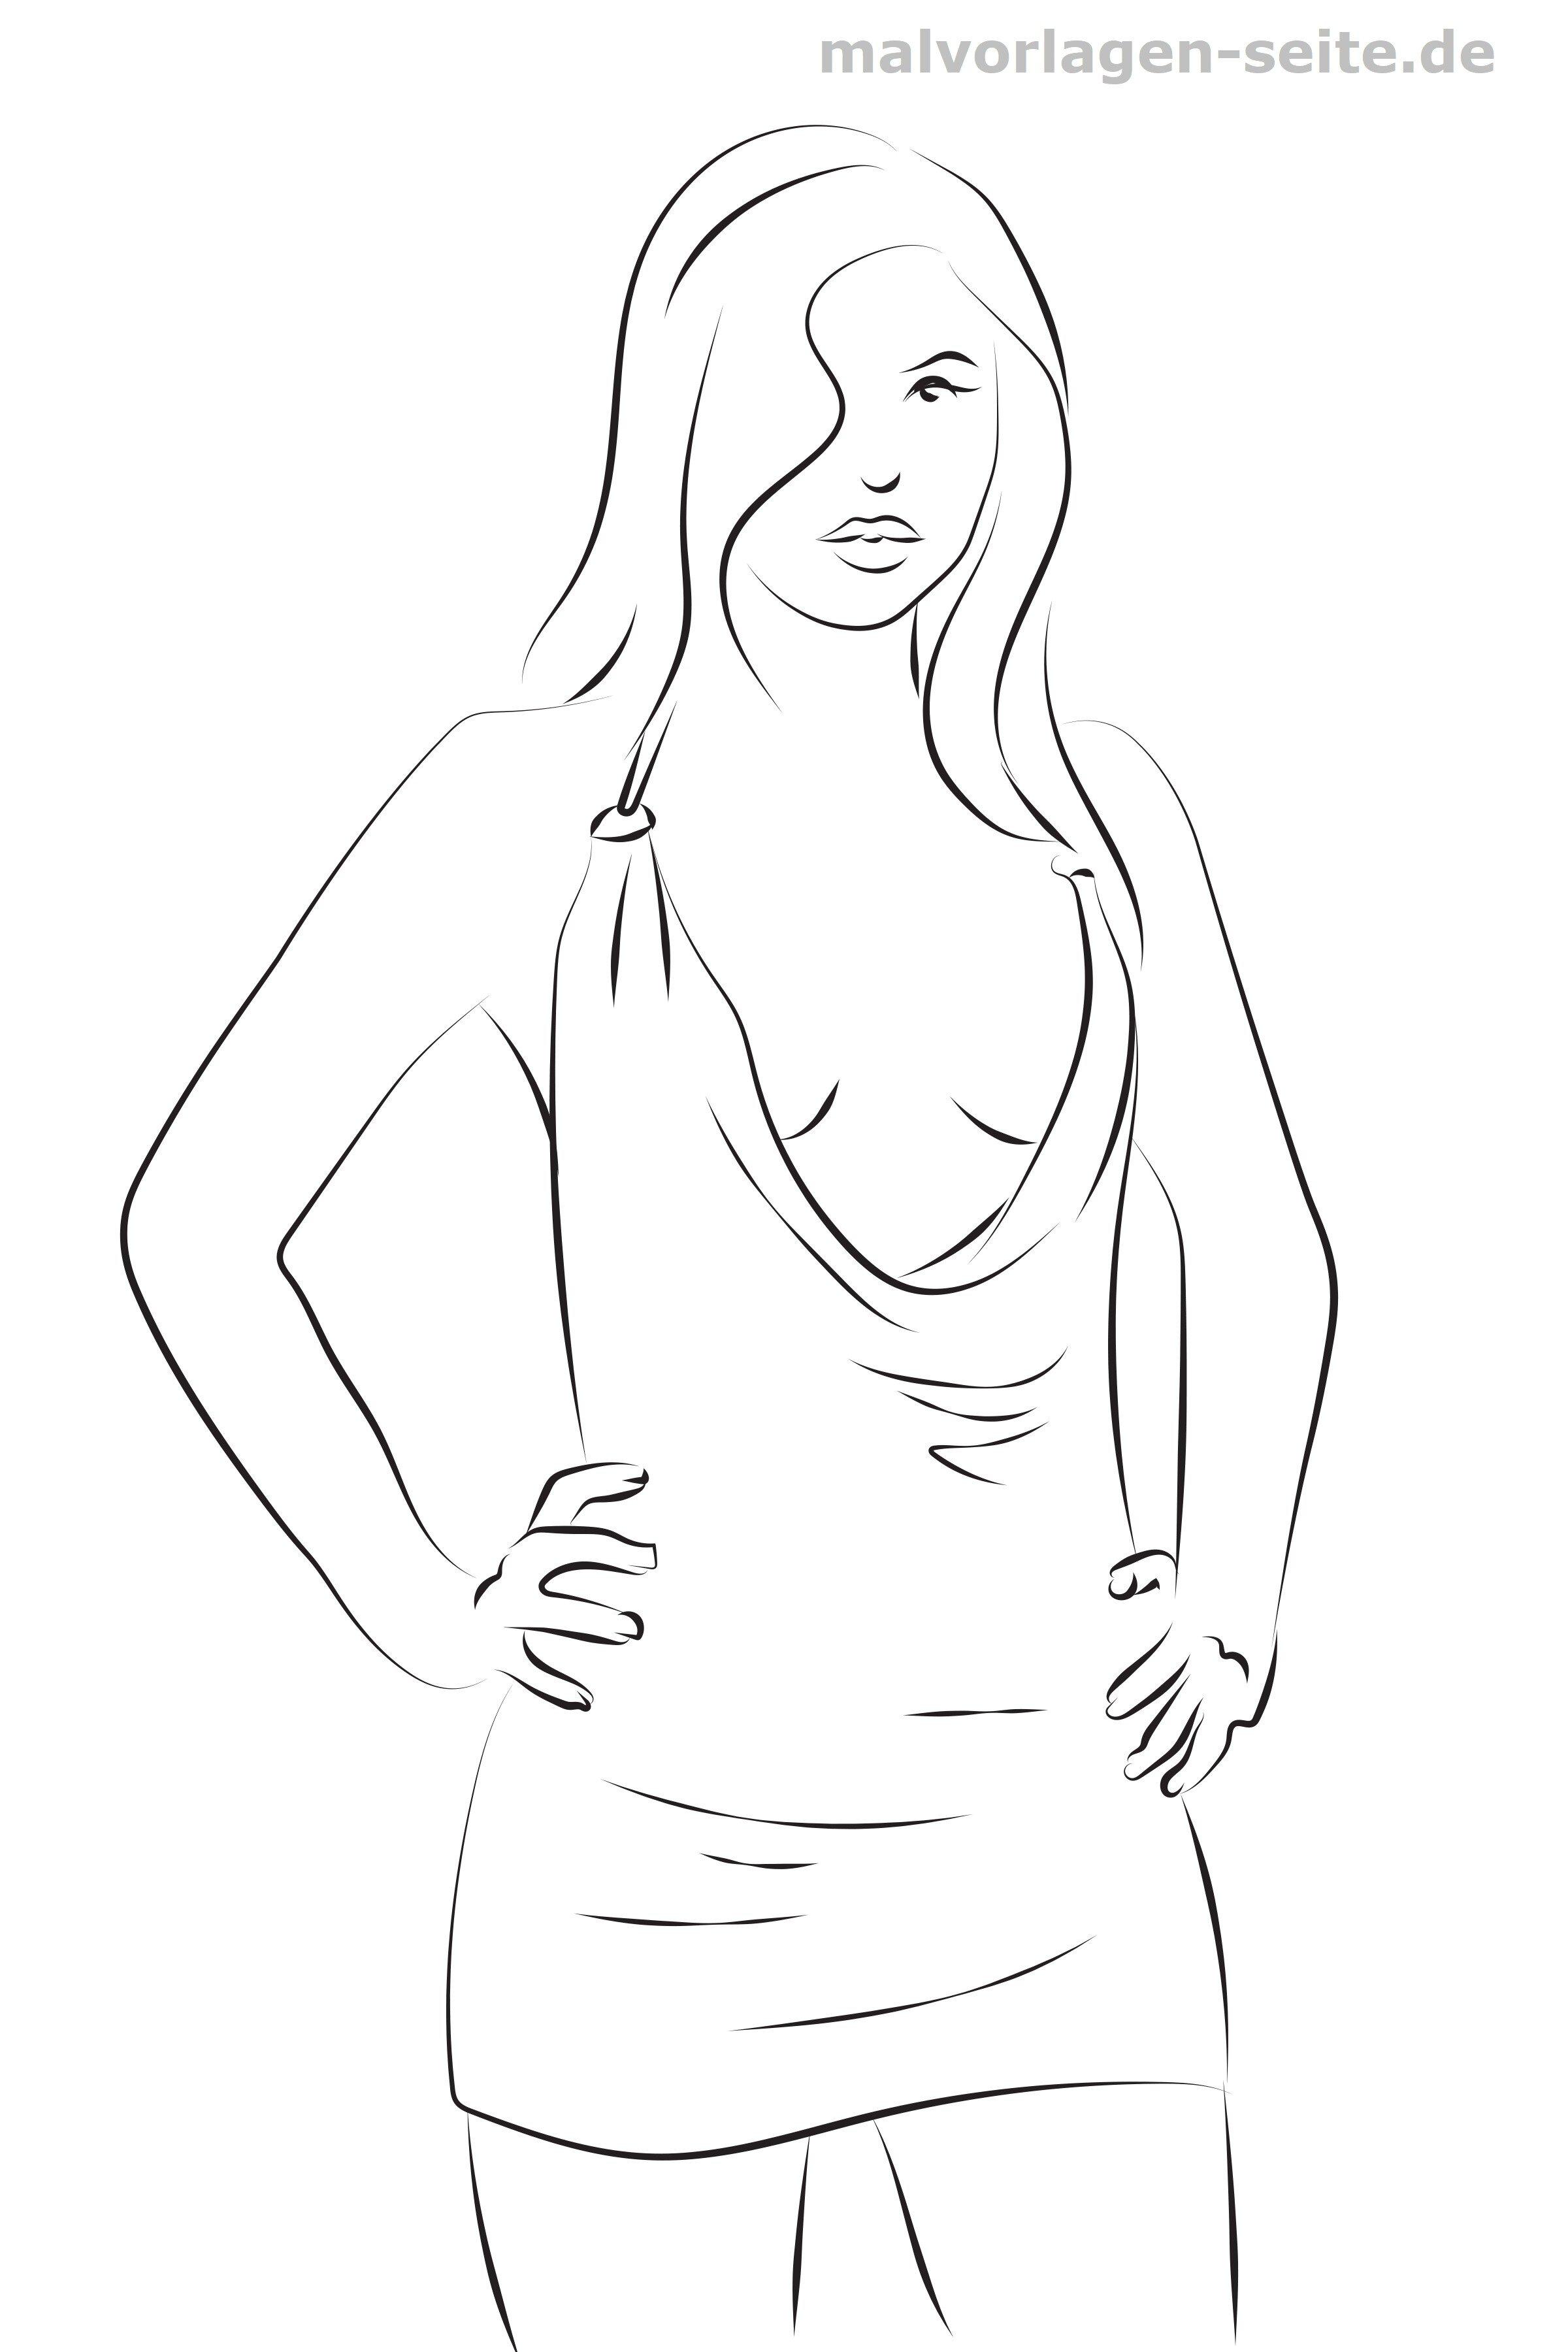 Malvorlage Mode Sommerkleid | Gratis Malvorlagen zum Download